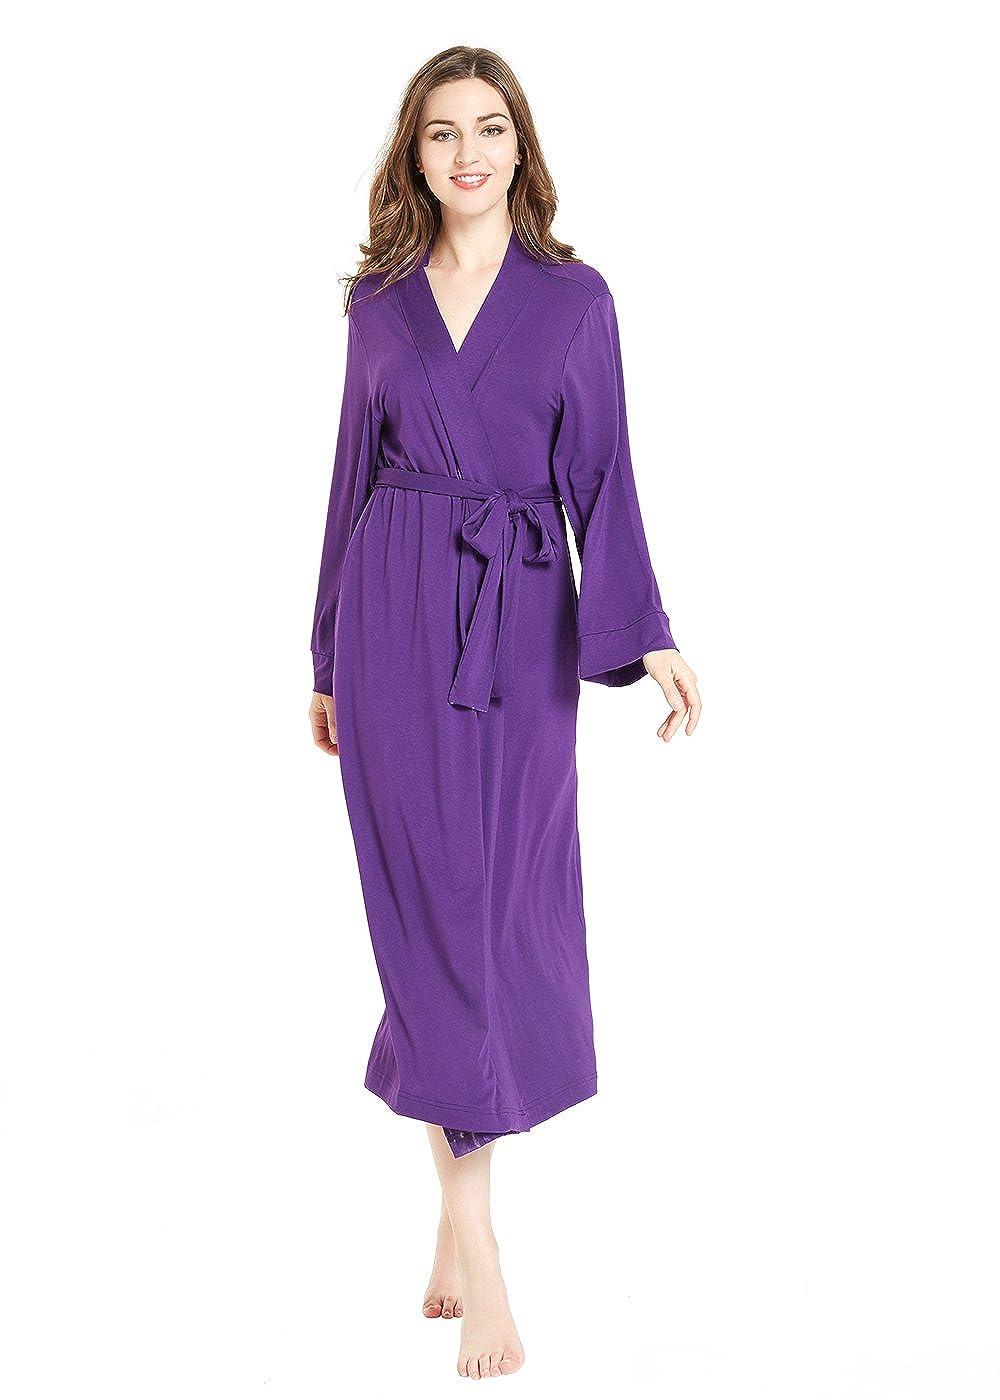 Purple lantisan Silky Satin Robe Women, Long Bathrobe Full Length VNeck Dressing Gown